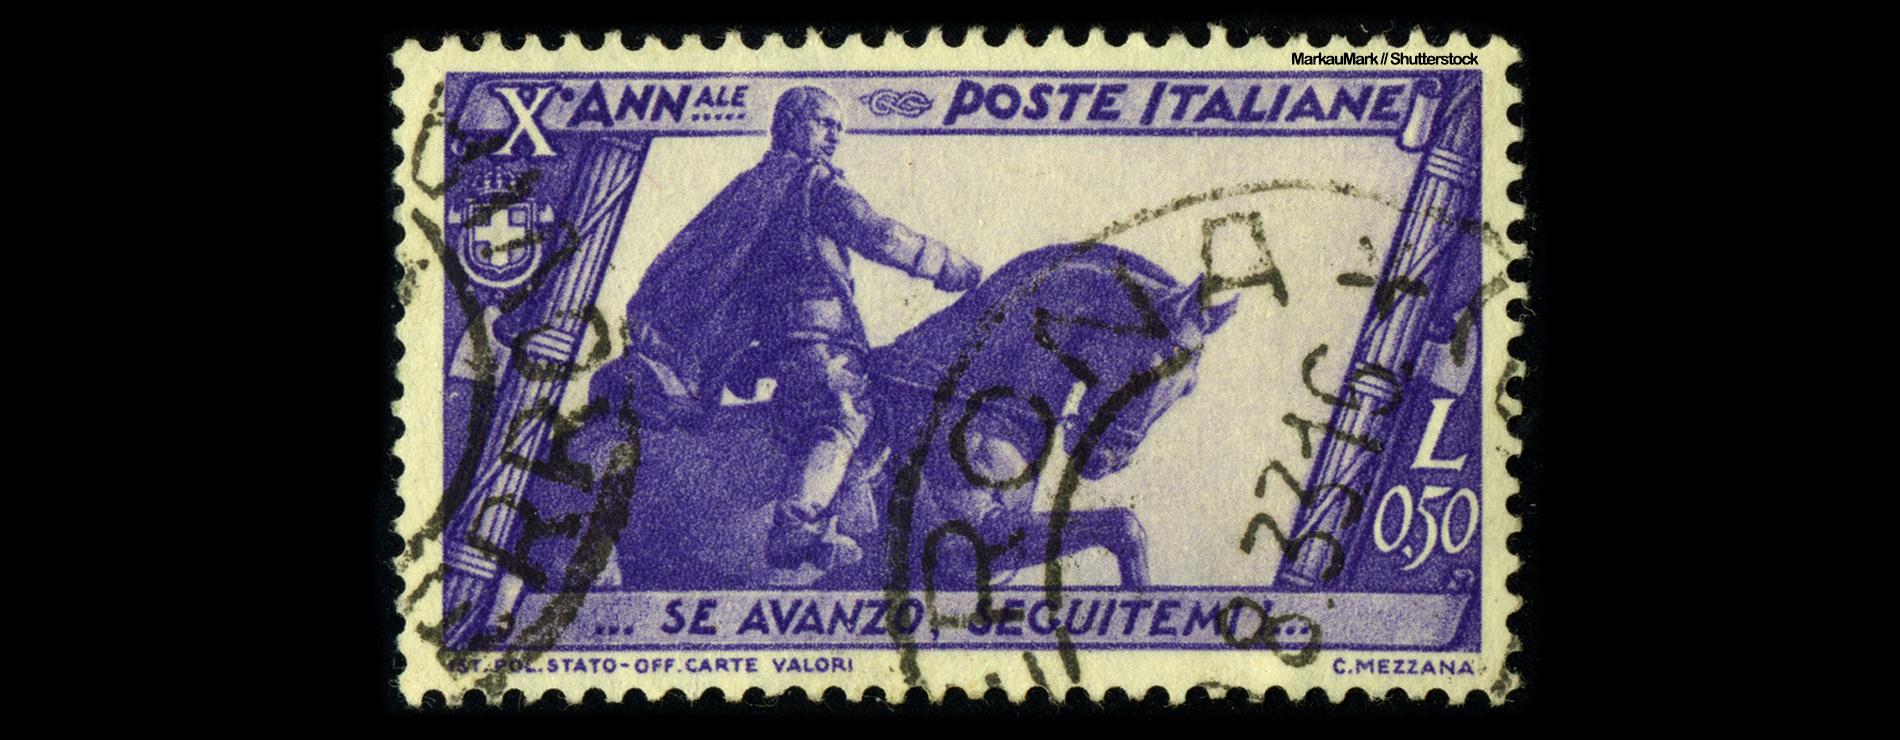 Benito Mussolini selo